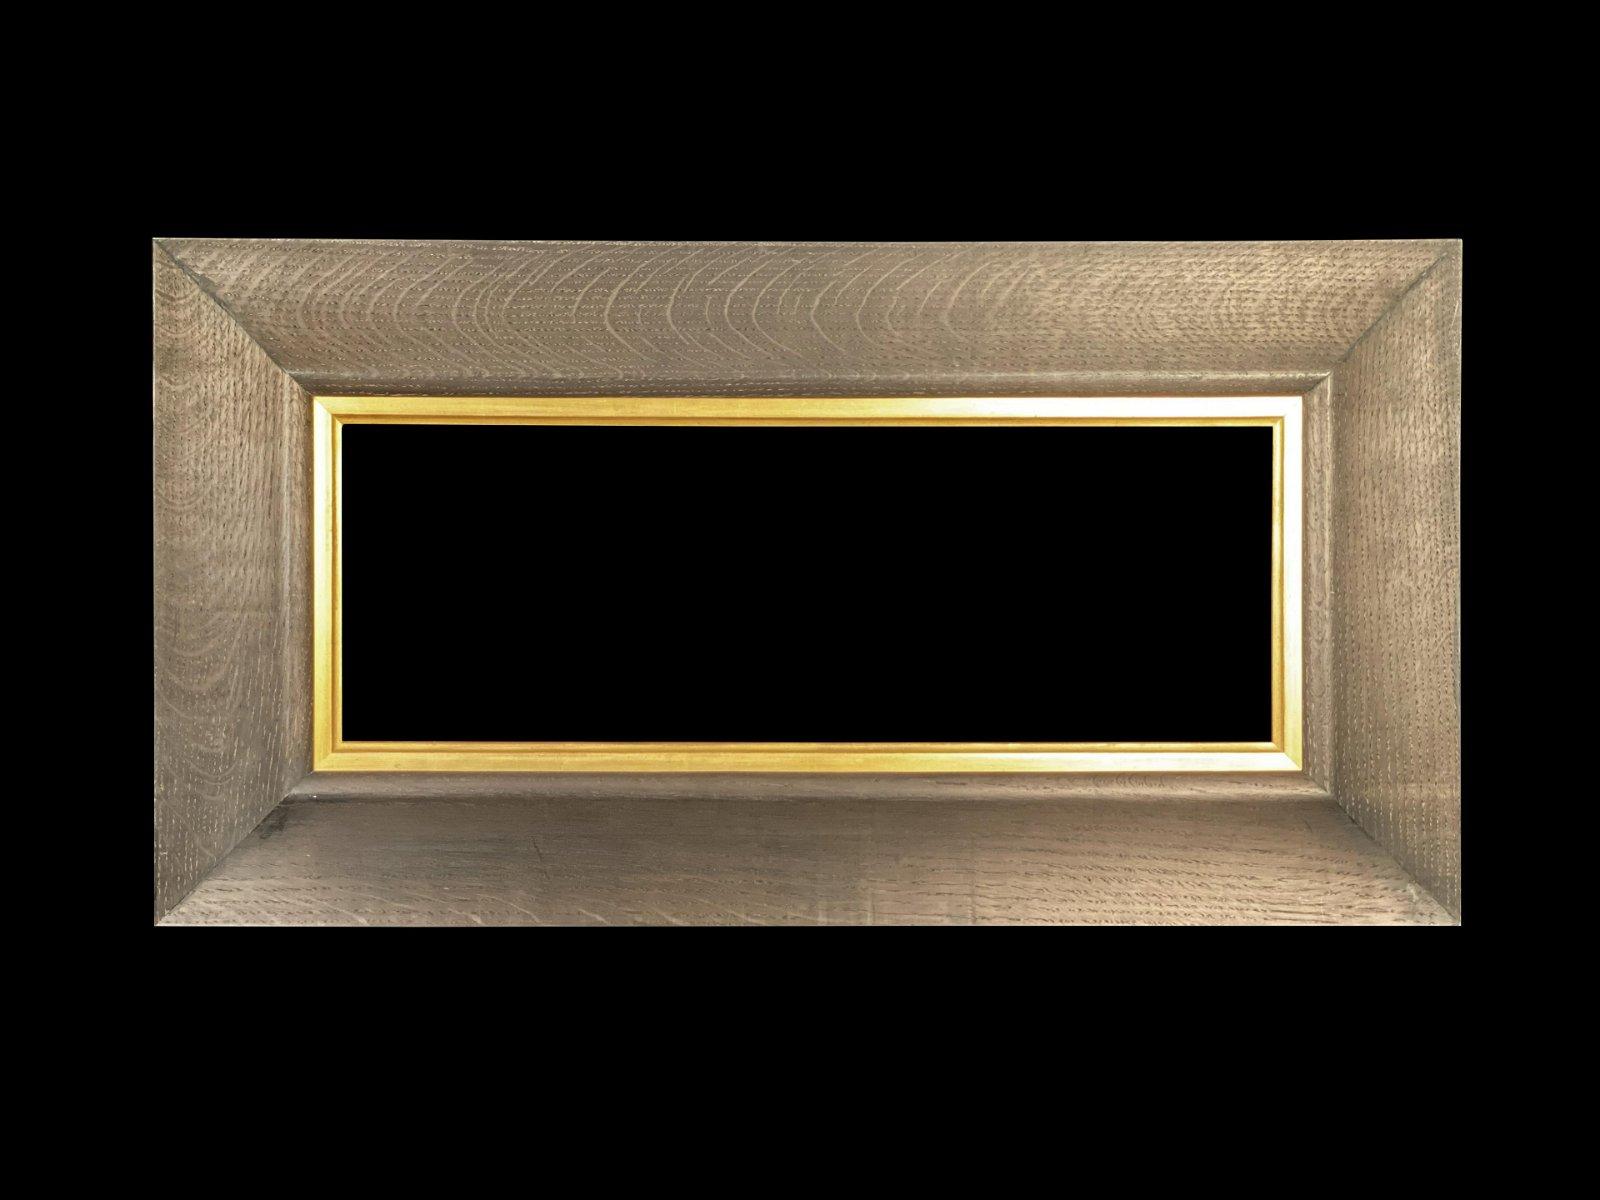 Eli Wilner Frame, Amer 20th c. Style Ex. Rockwell